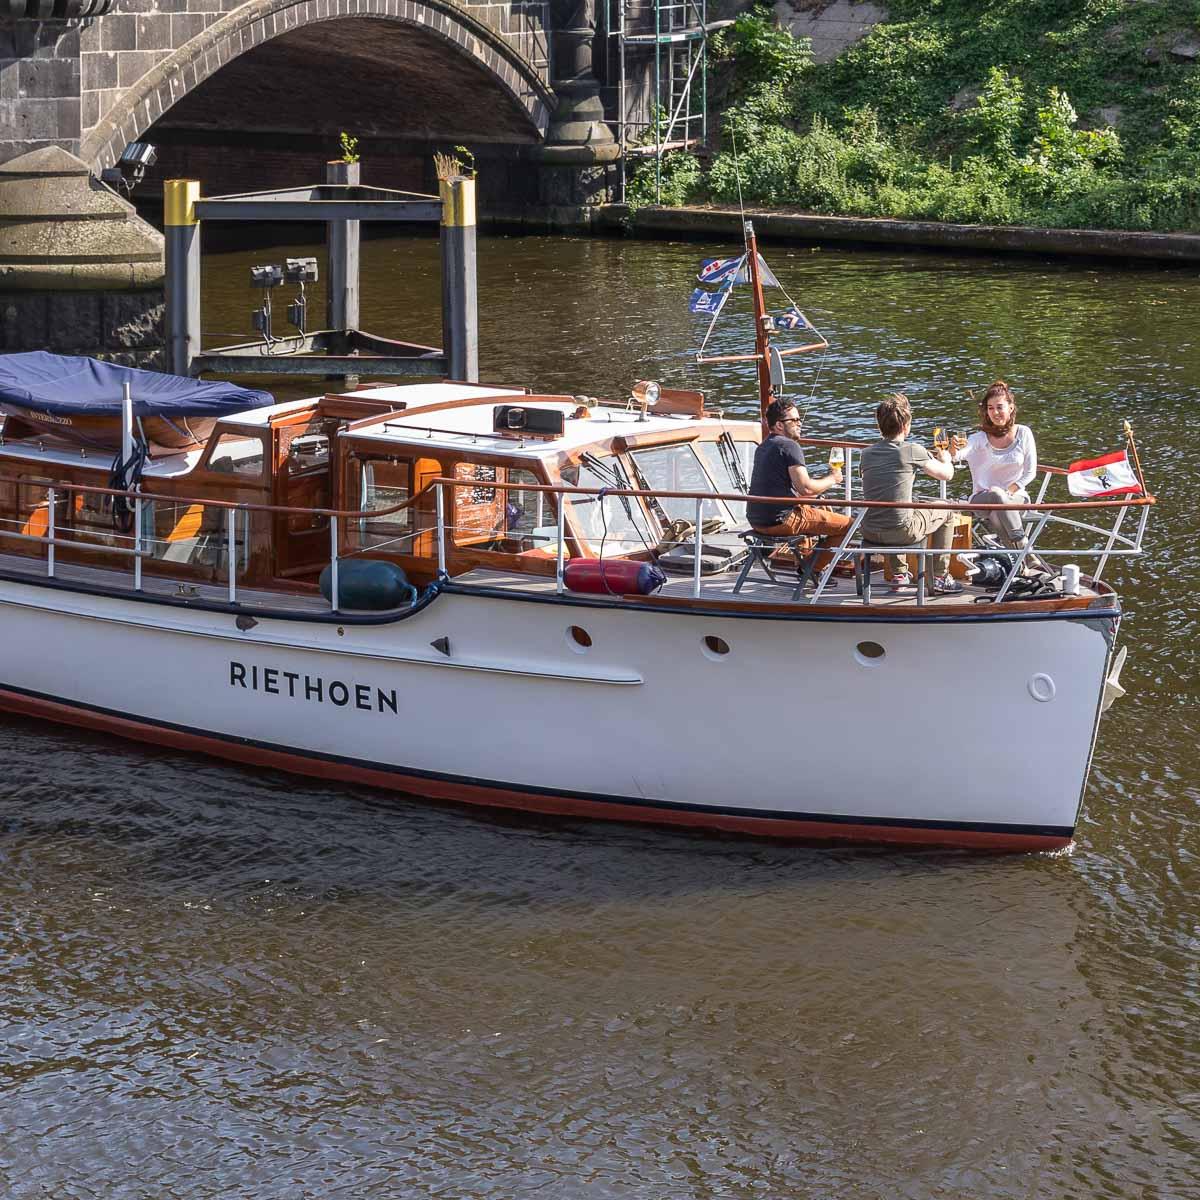 Riethoen Exklusive Bootstouren auf der Spree-4